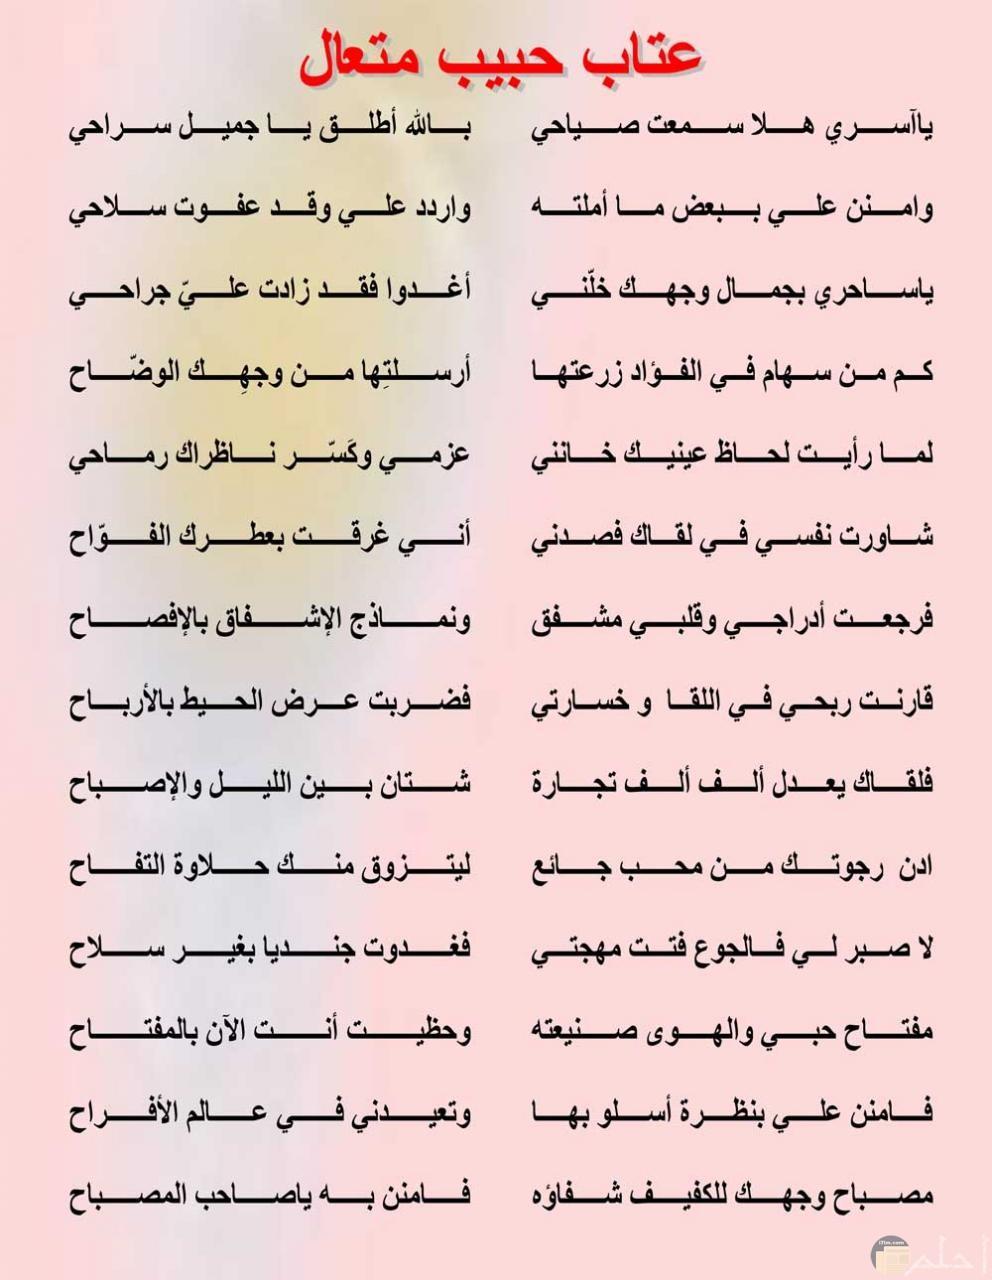 عتاب حبيب متعال